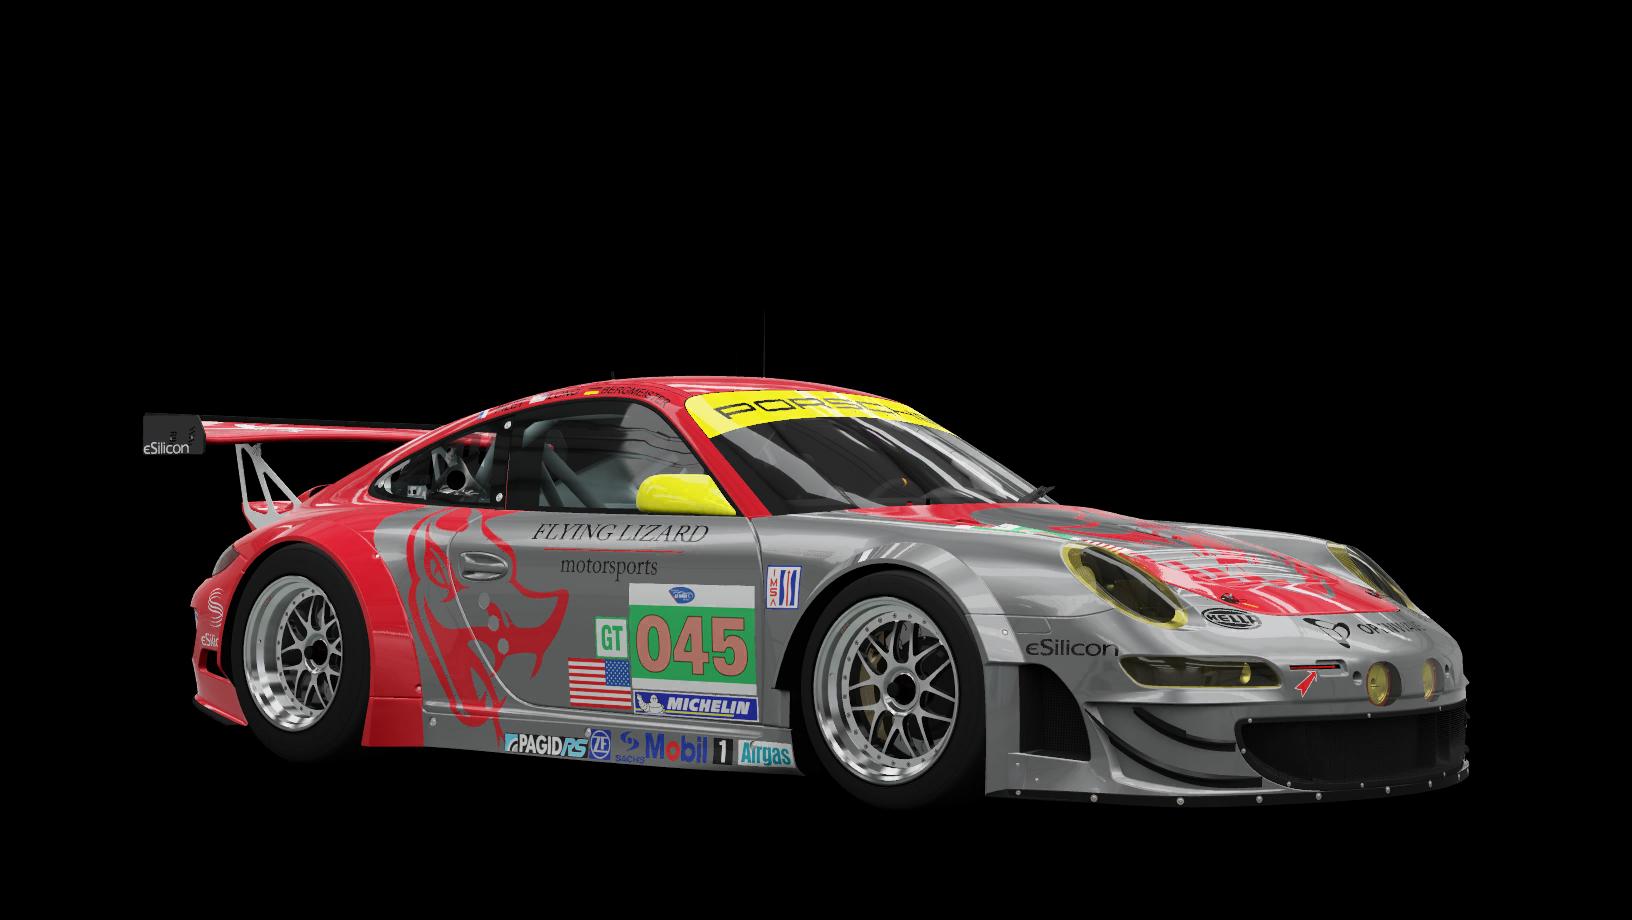 Porsche 911 Gt3 Rsr 2011 Forza Wiki Fandom